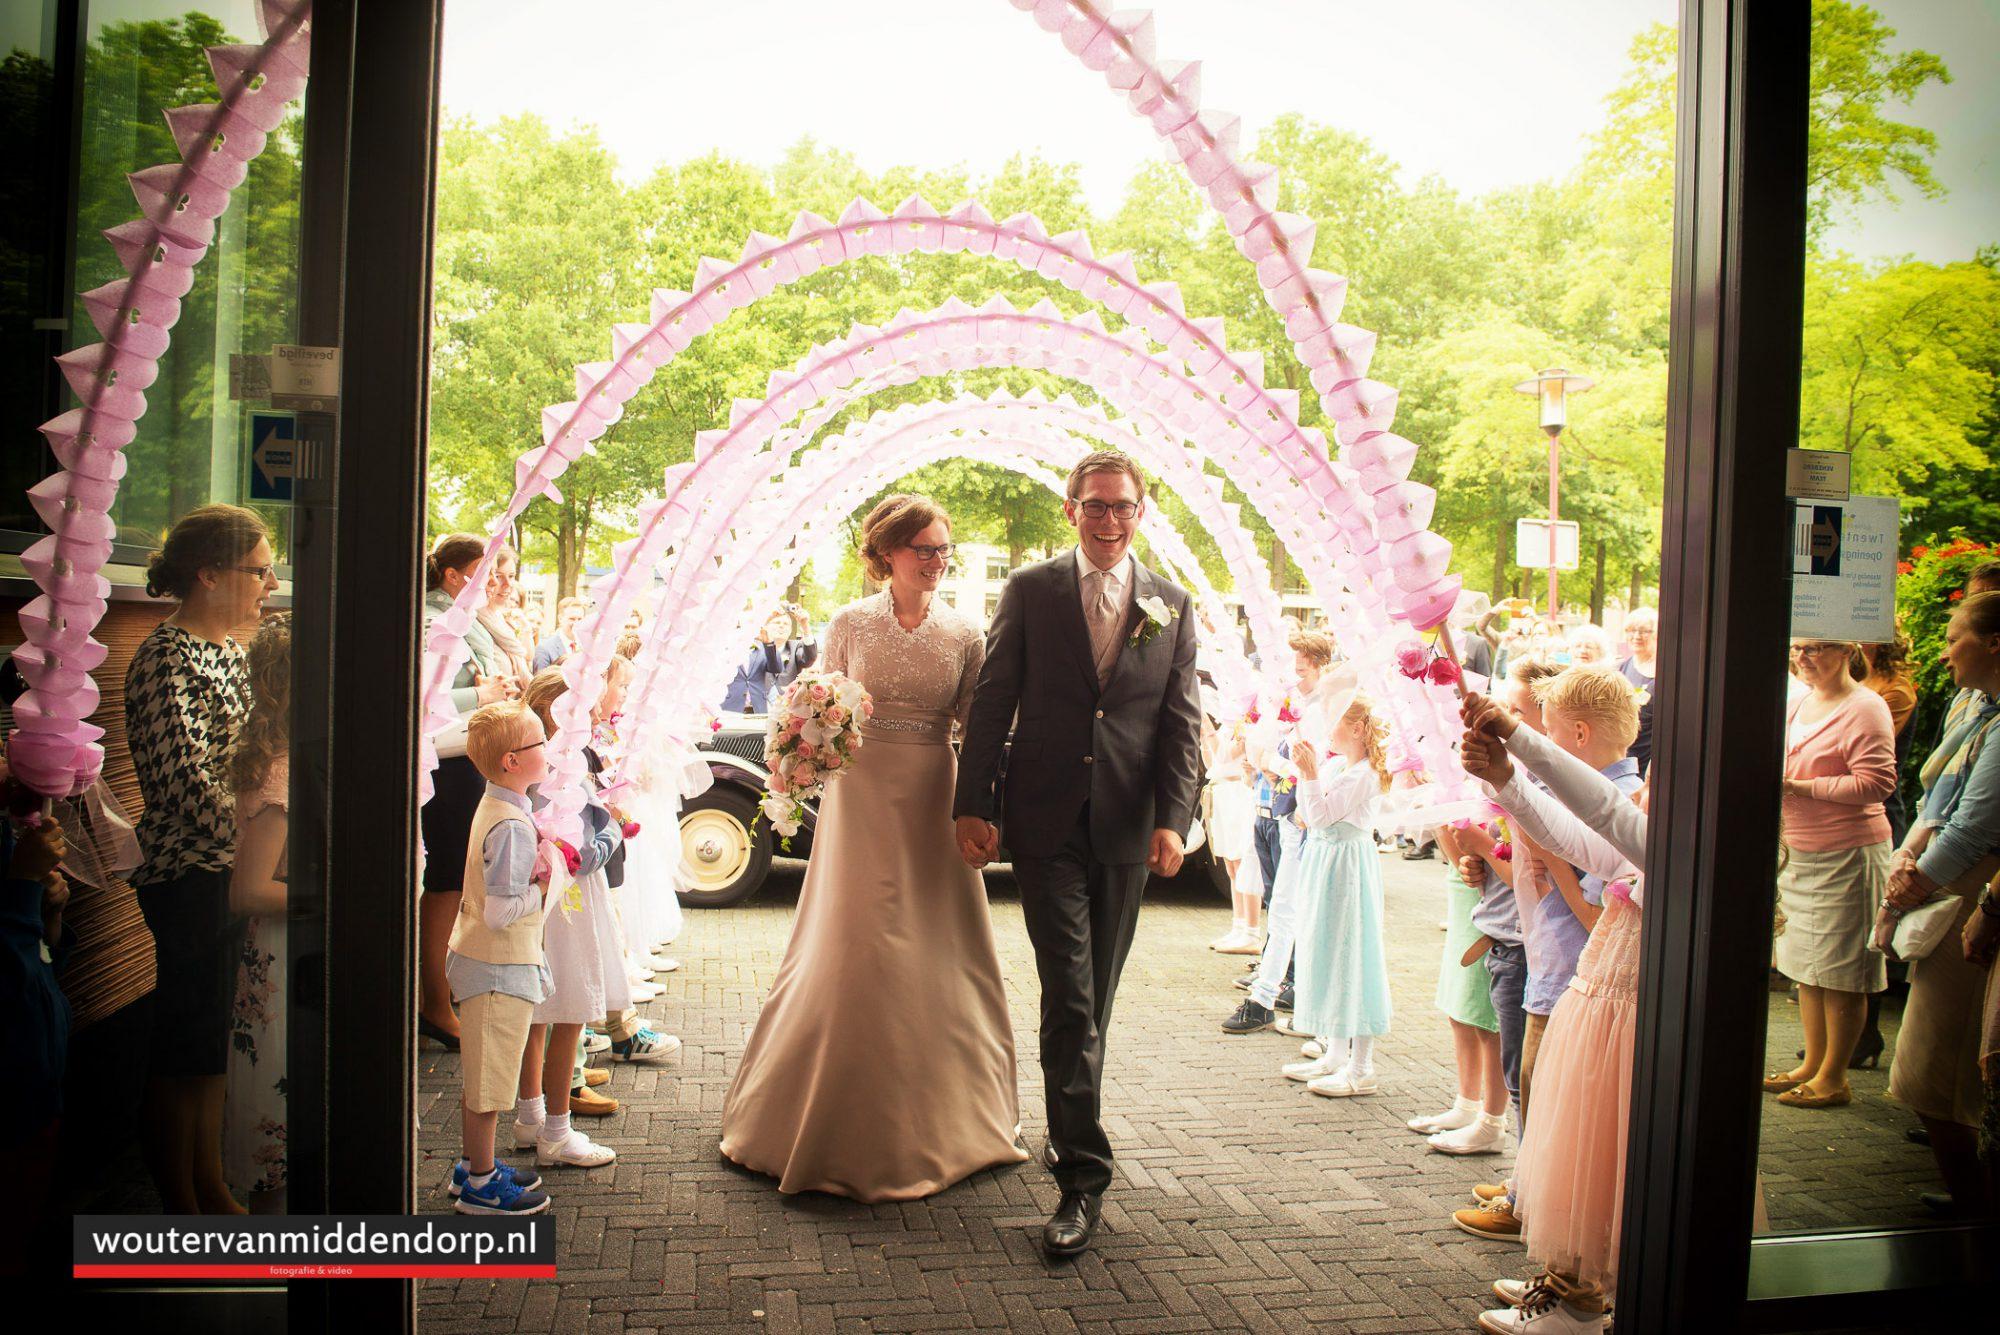 bruidsfotografie-wouter-van-middendorp-veenendaal-uddel-33